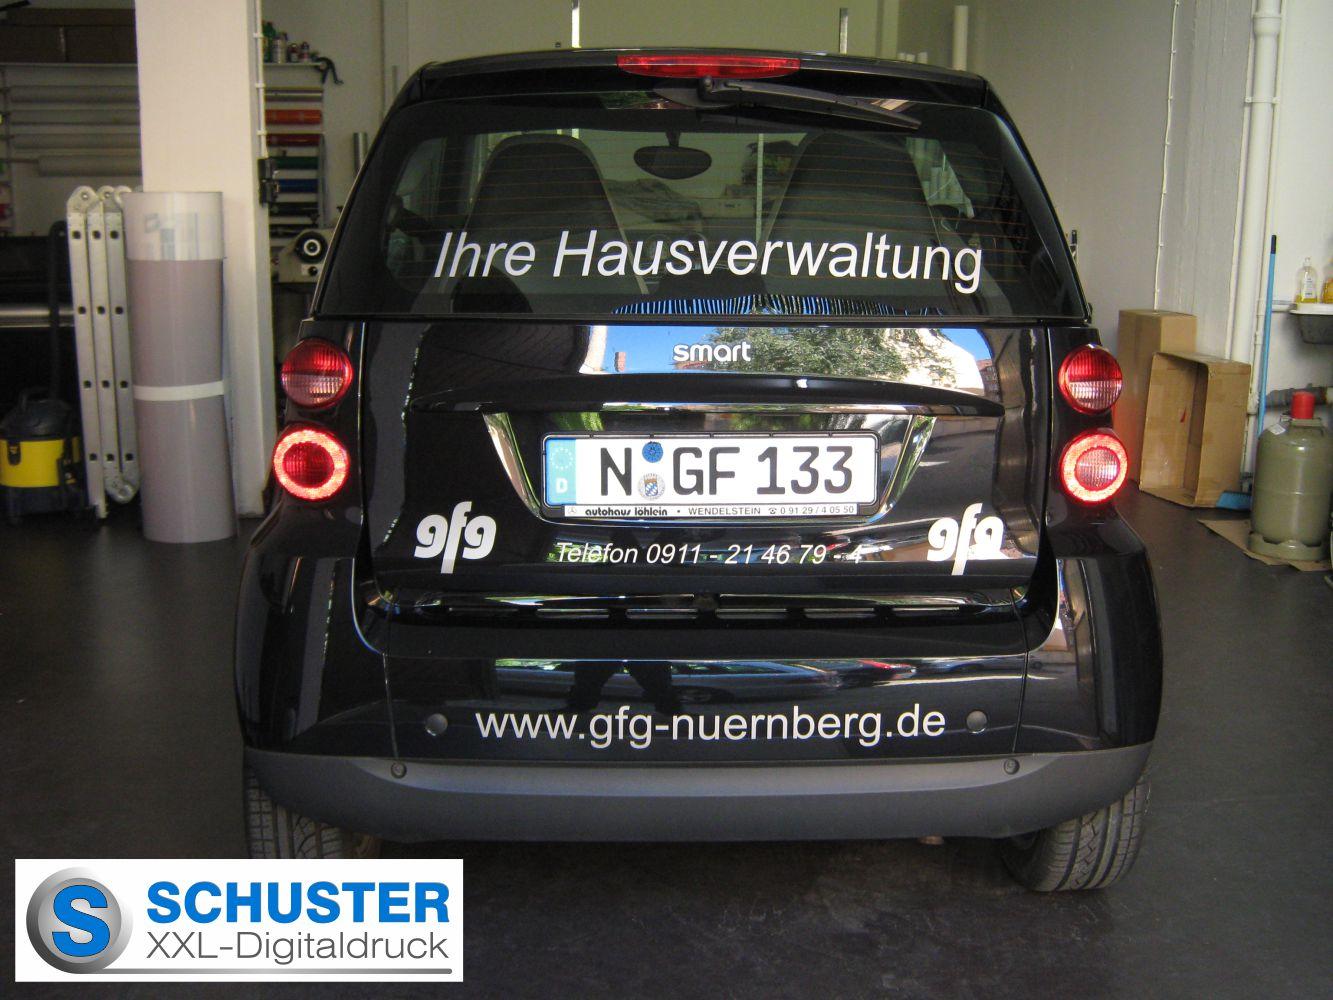 Autobeschriftung-Smart-gfg-Hausverwaltung